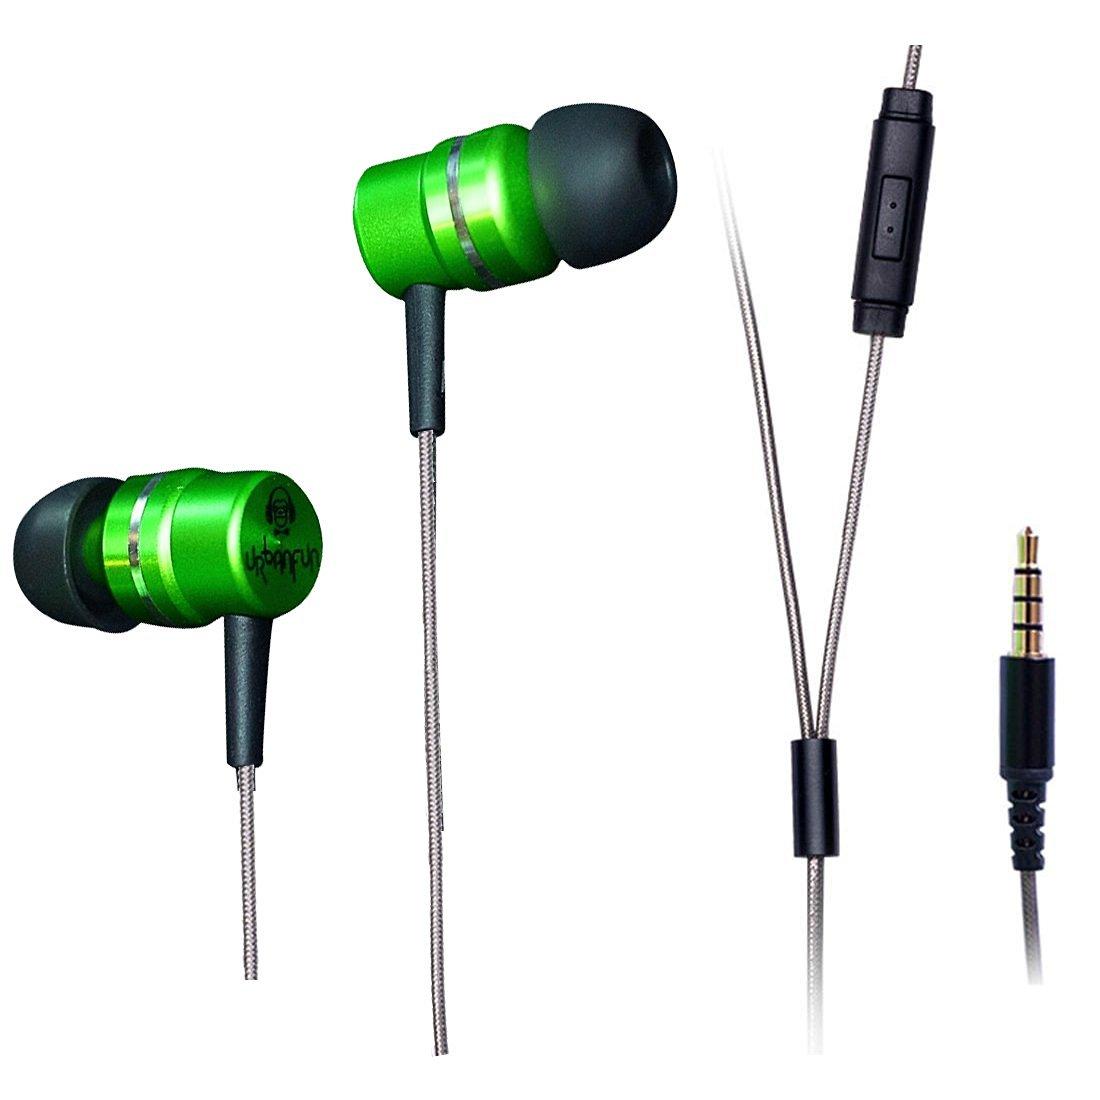 Astrotec AX-30 Hybrid IEM Dual-driver dynamic Balanced Armature Hi-Fi In-ear Ear